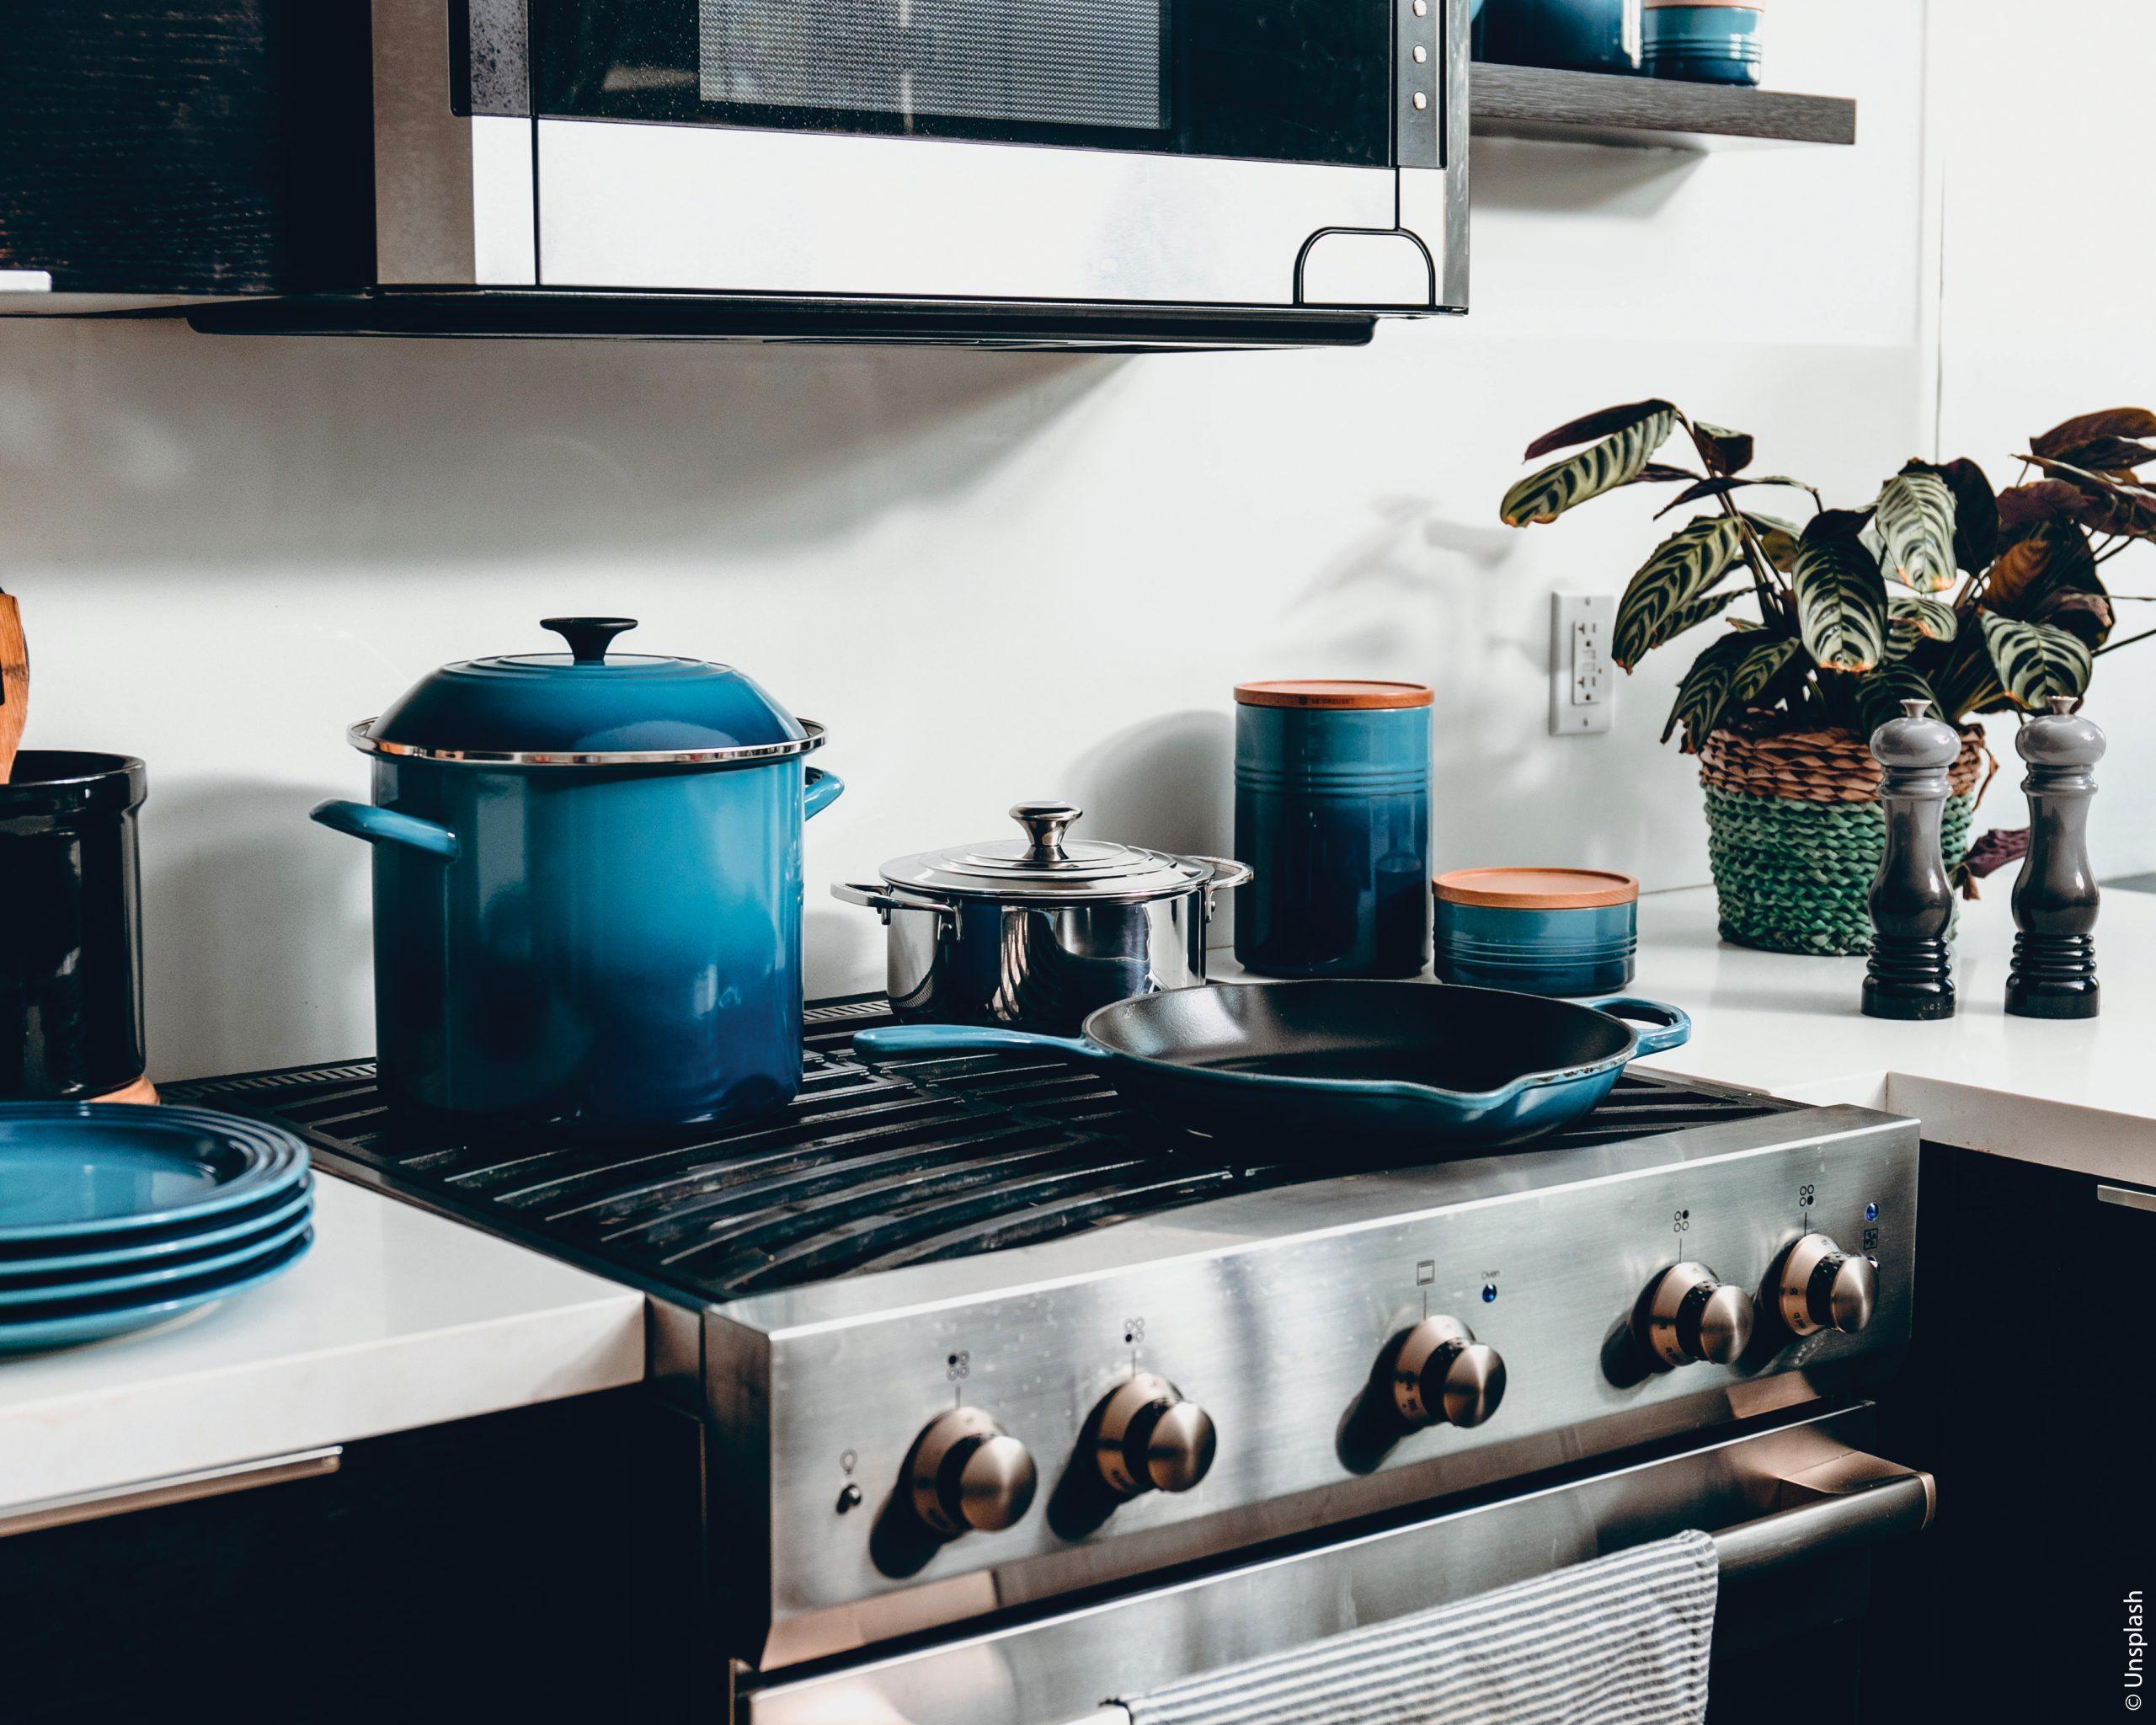 Arts de la table : comment bien choisir ses équipements de cuisine